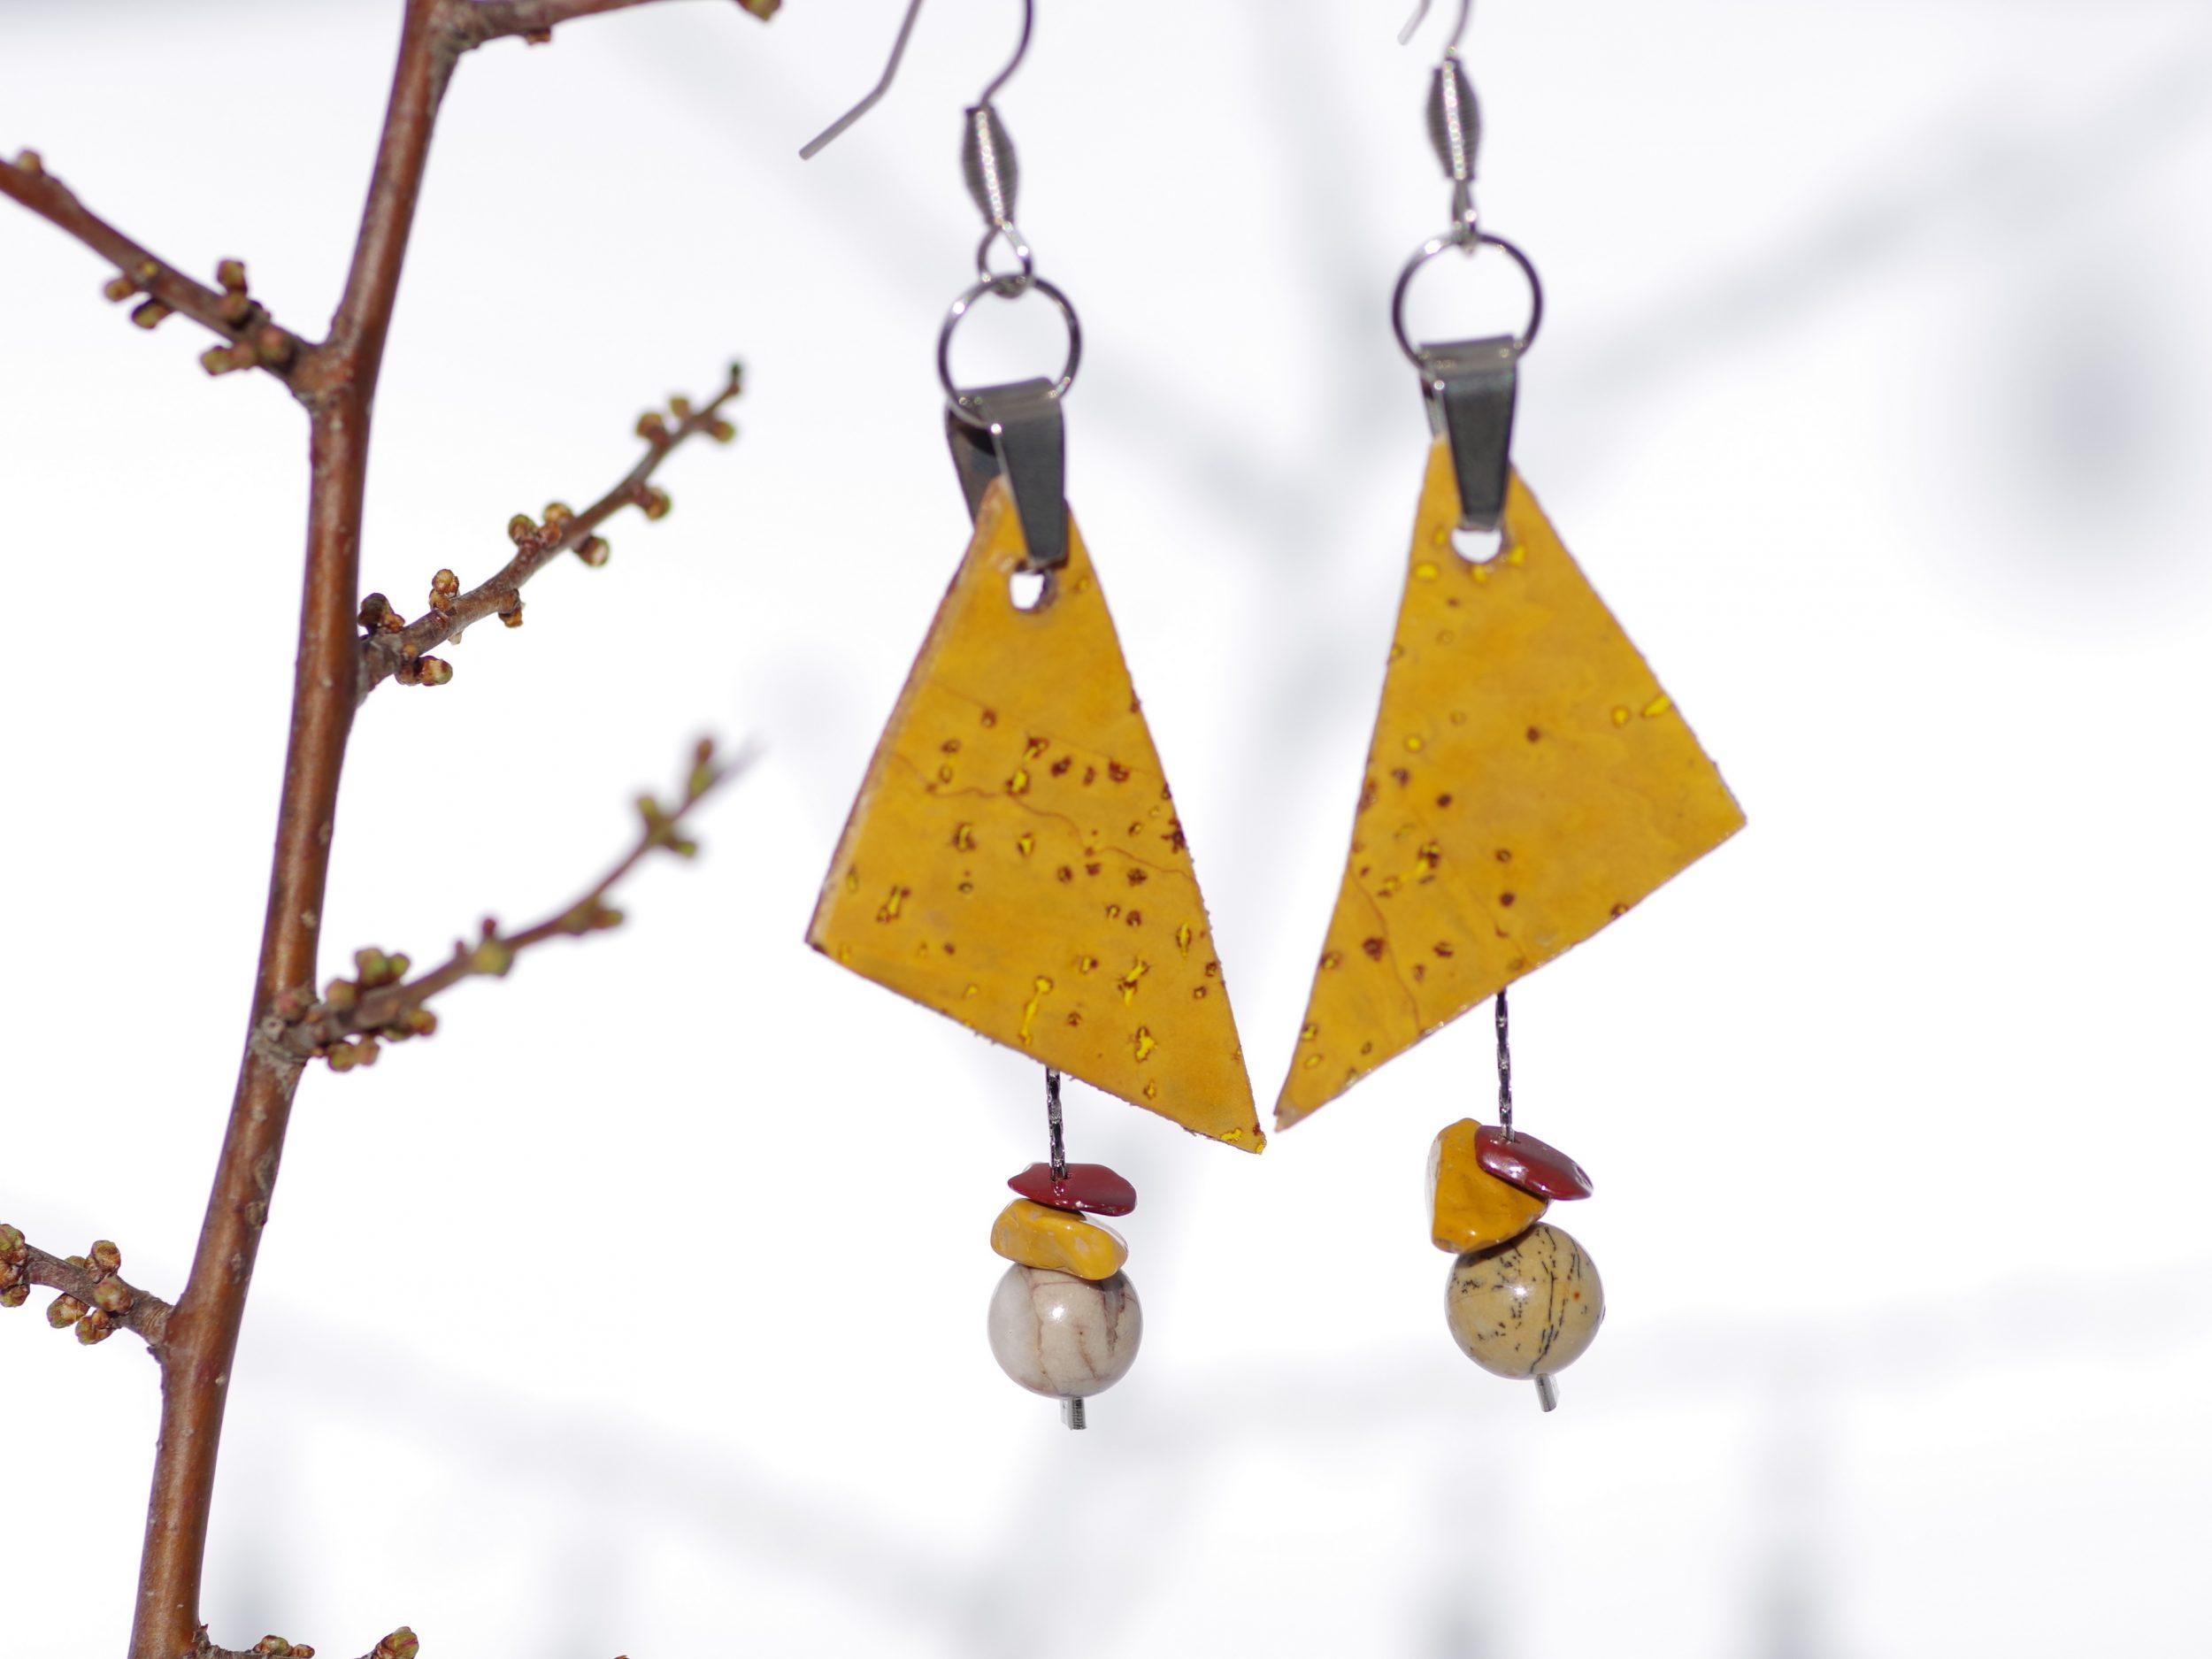 boucles d'oreilles à double pendentif : triangule en liège jaune, pierres naturelles sur des chaines en inox